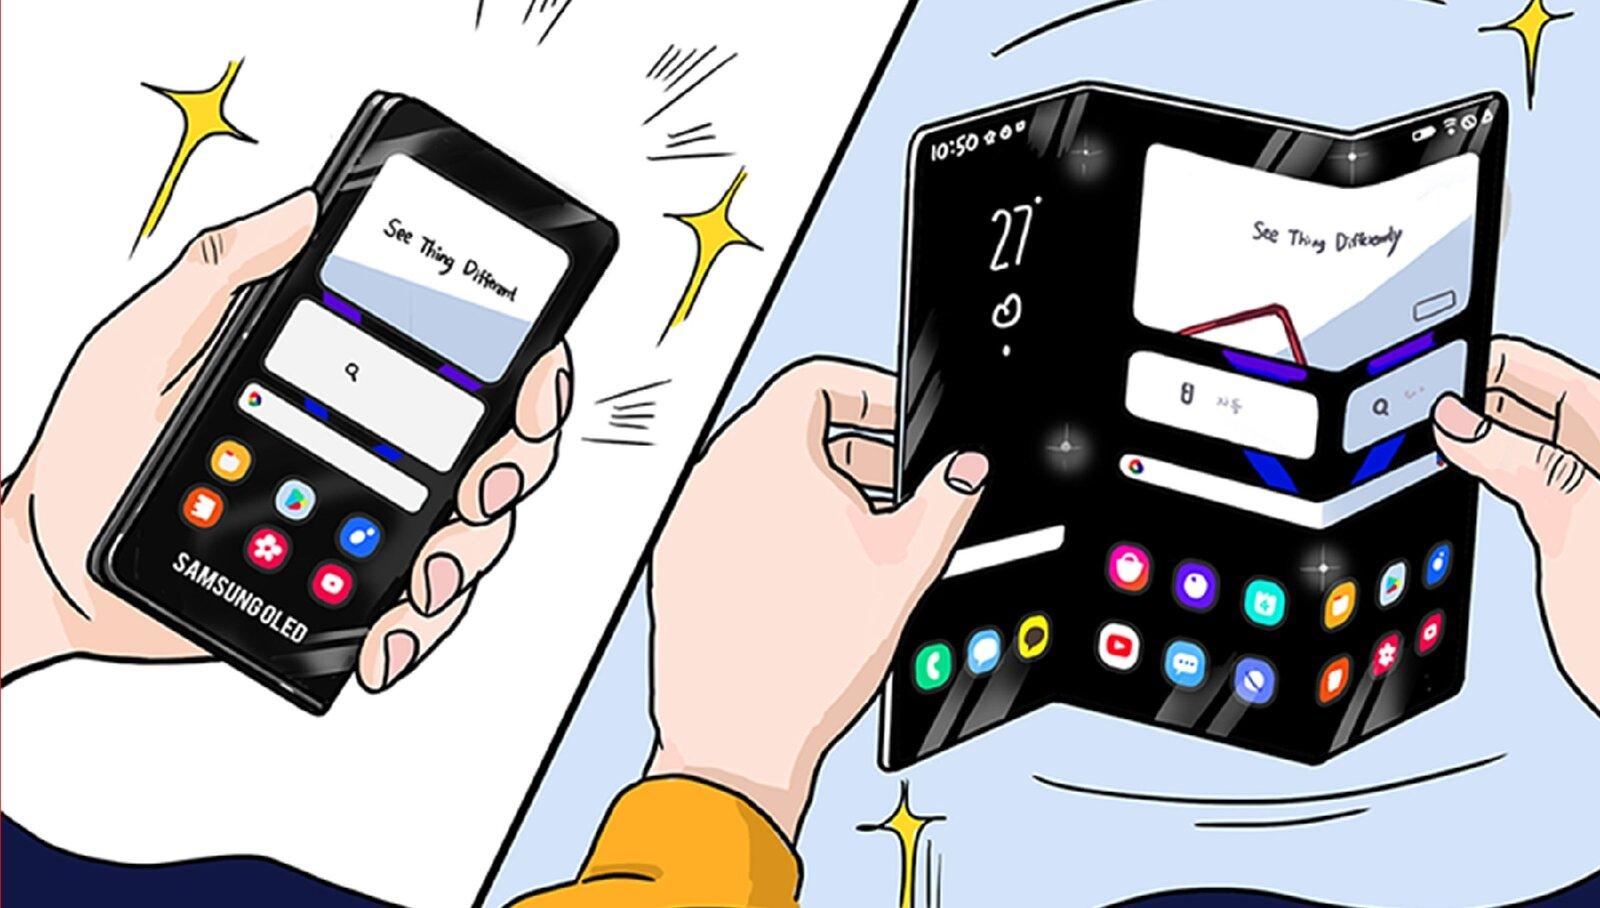 Le nouveau format d'écran pliable de Samsung